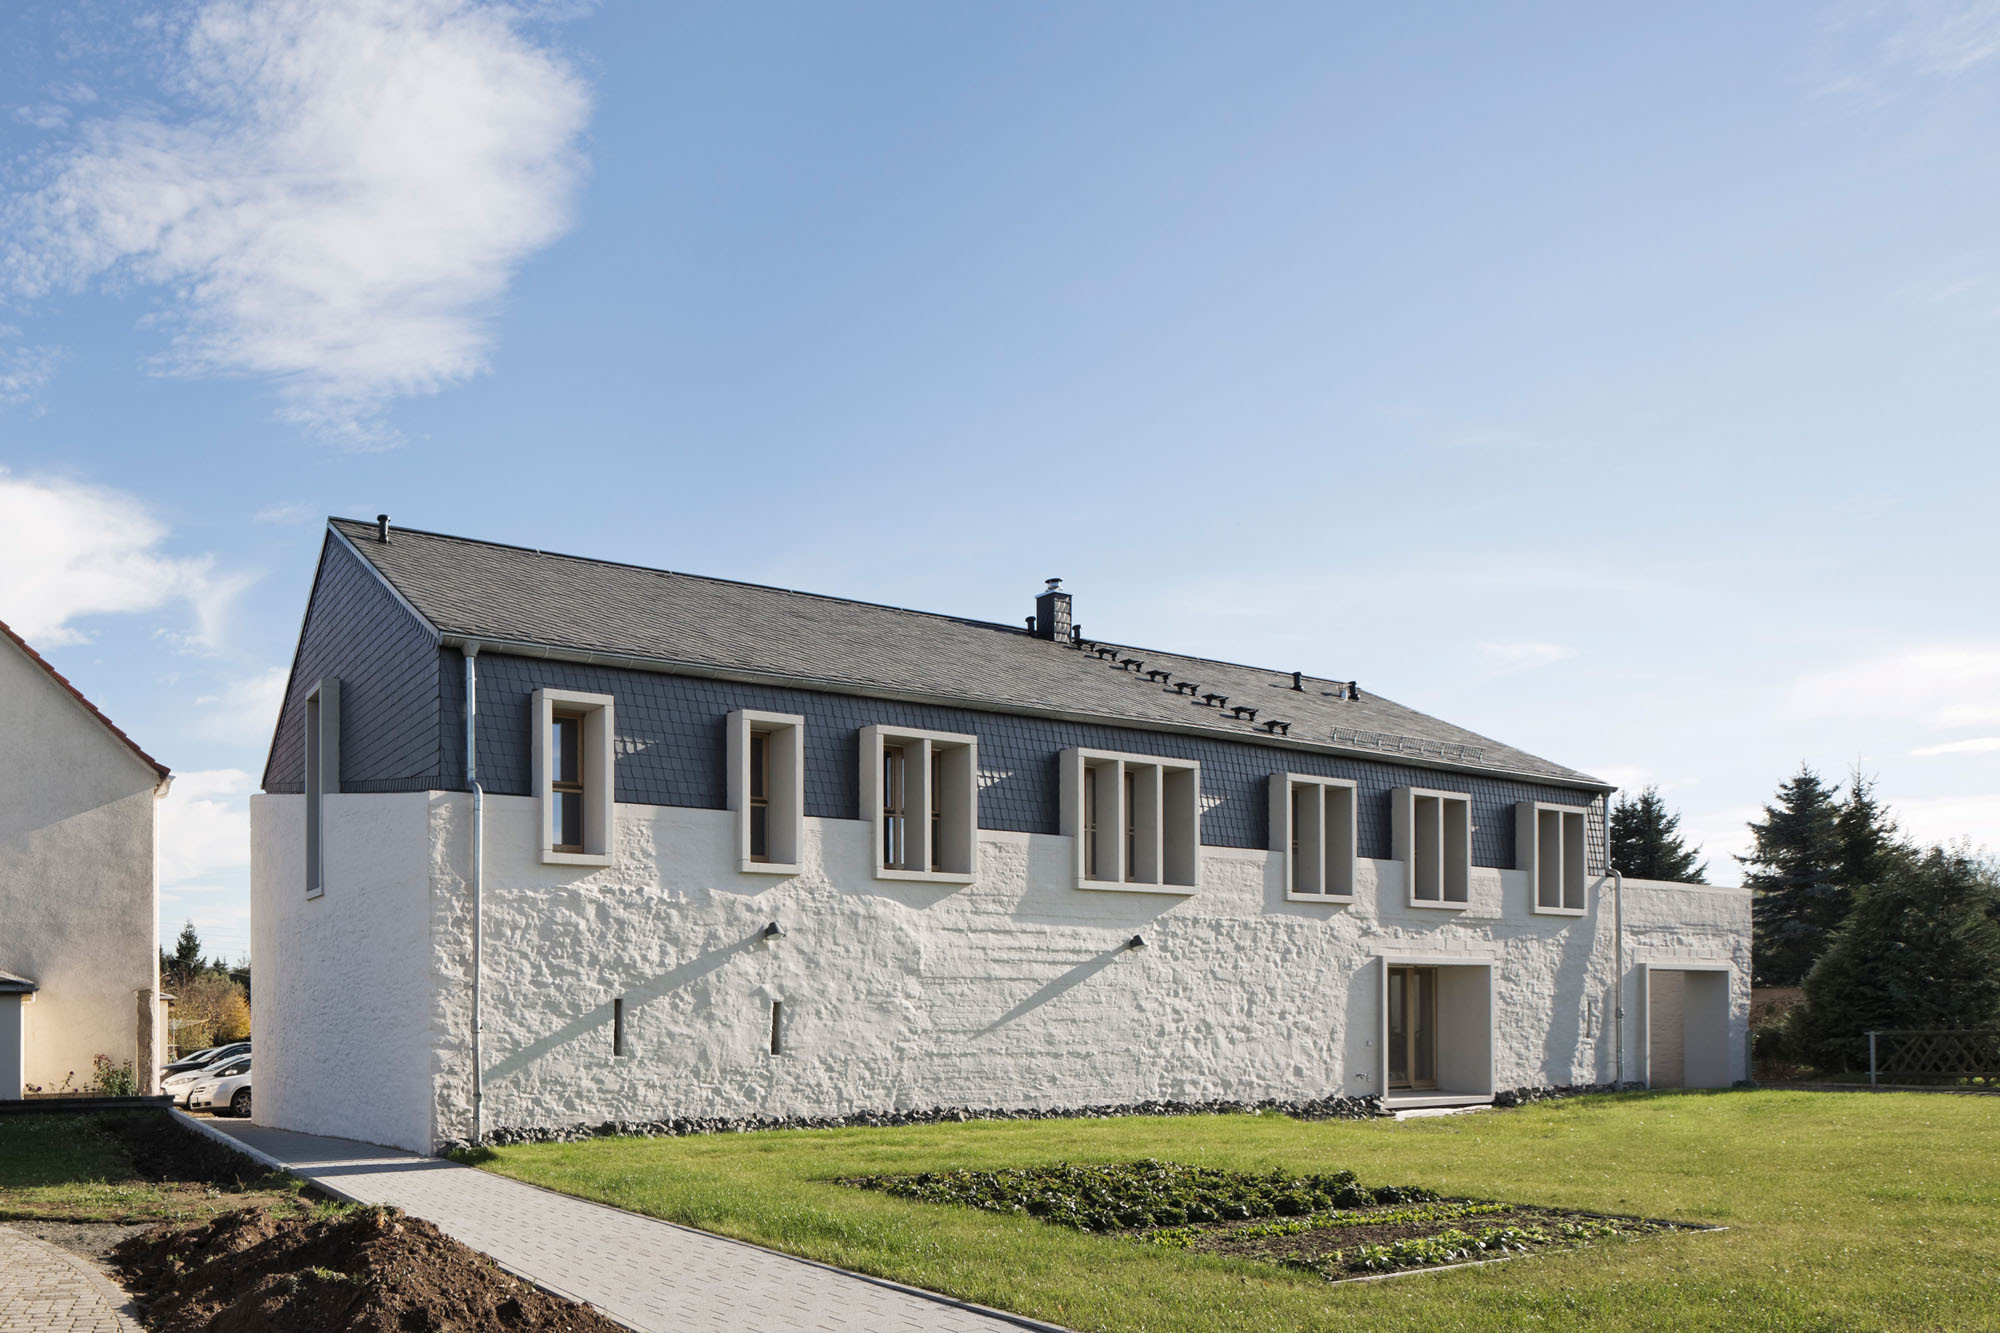 osten trifft westen renovierung luxushaus, umbau einer scheune in sermuth | schiefer | wohnen/efh | baunetz_wissen, Design ideen